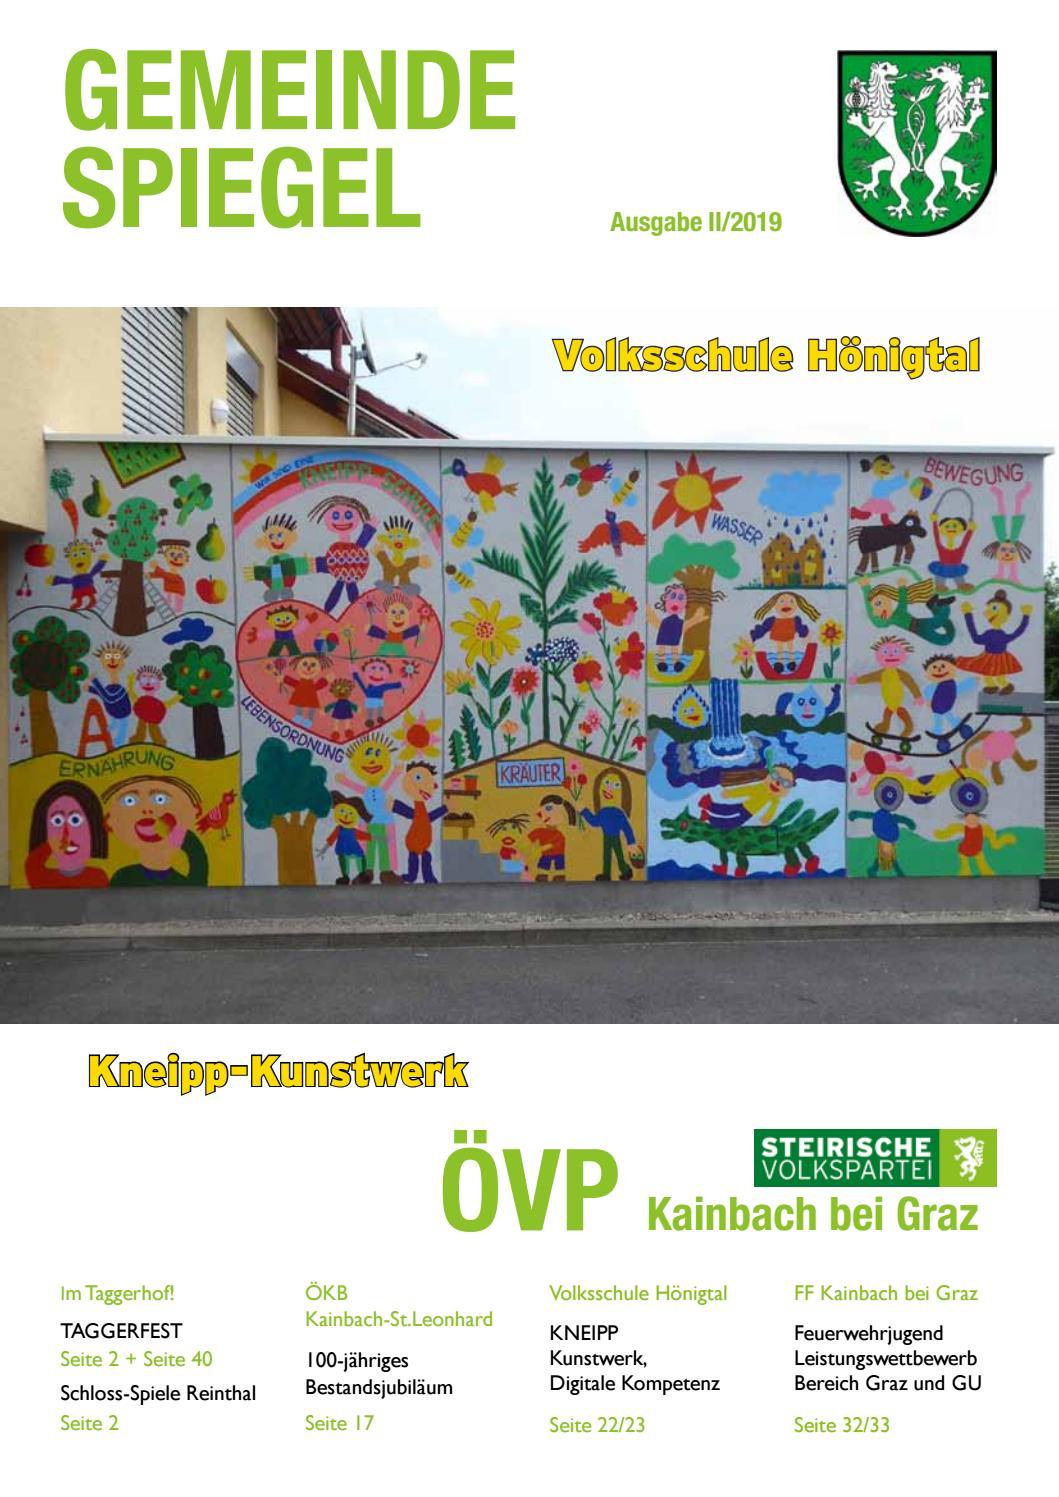 Kainbach bei Graz in Steiermark - Thema auf chad-manufacturing.com